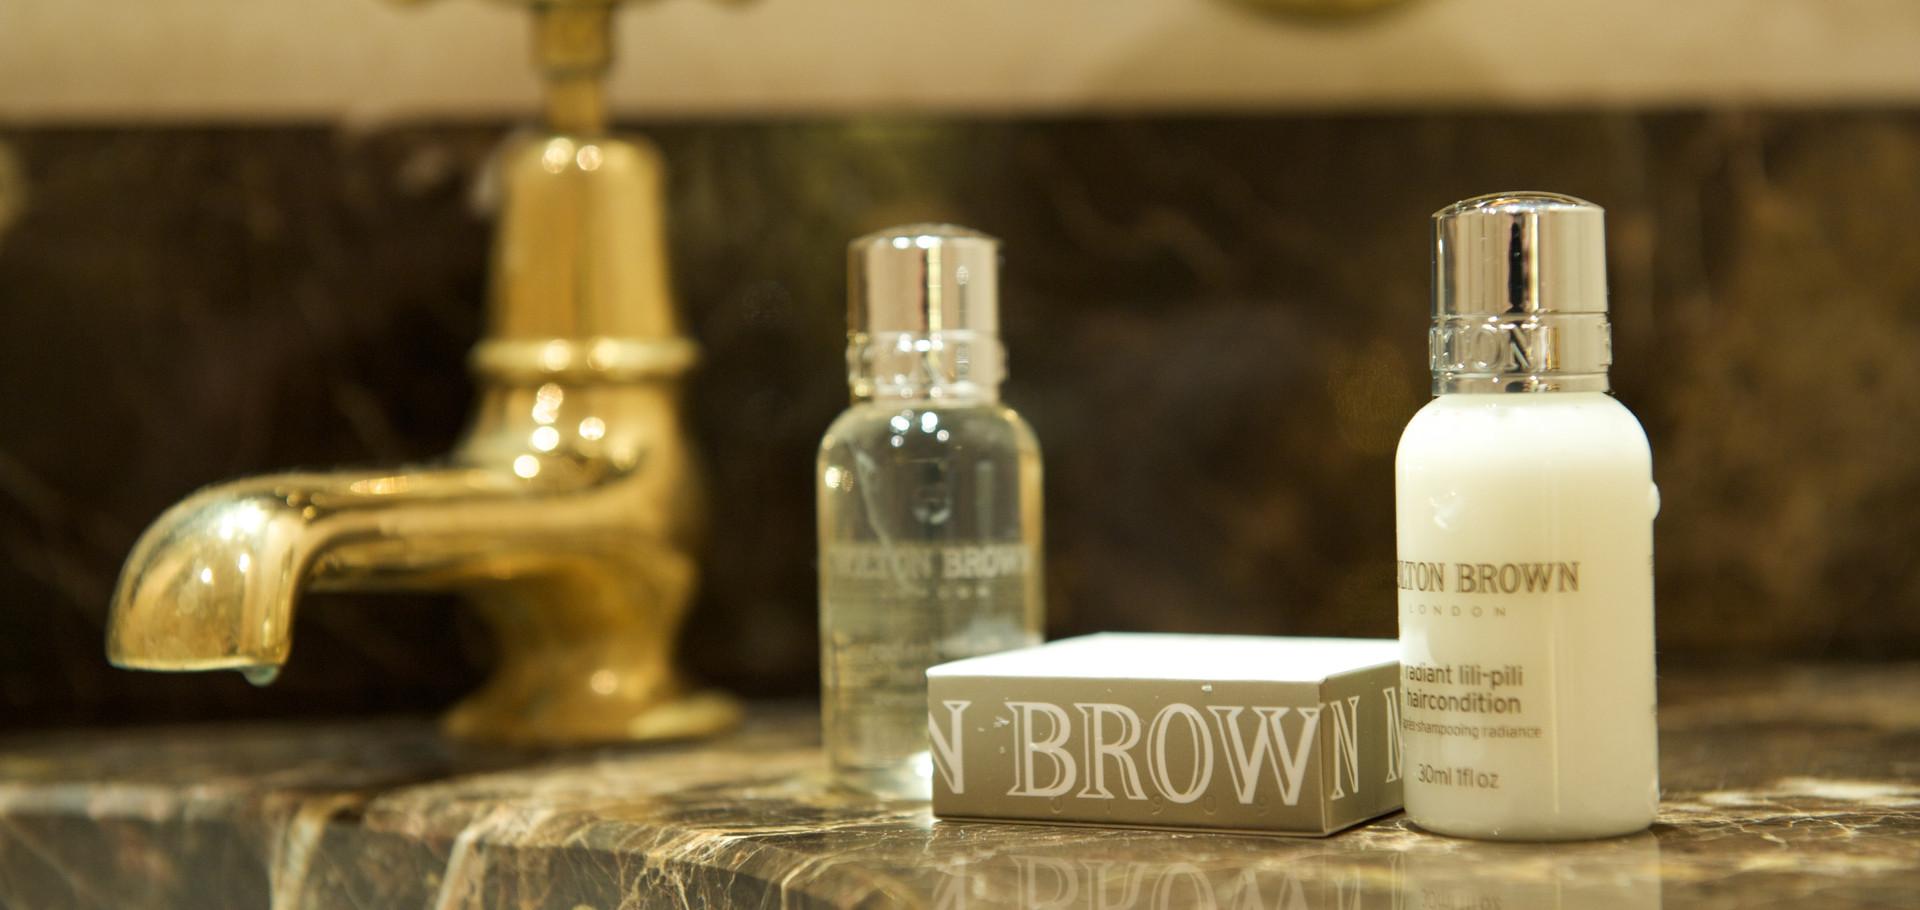 Molton & Brown Toiletries